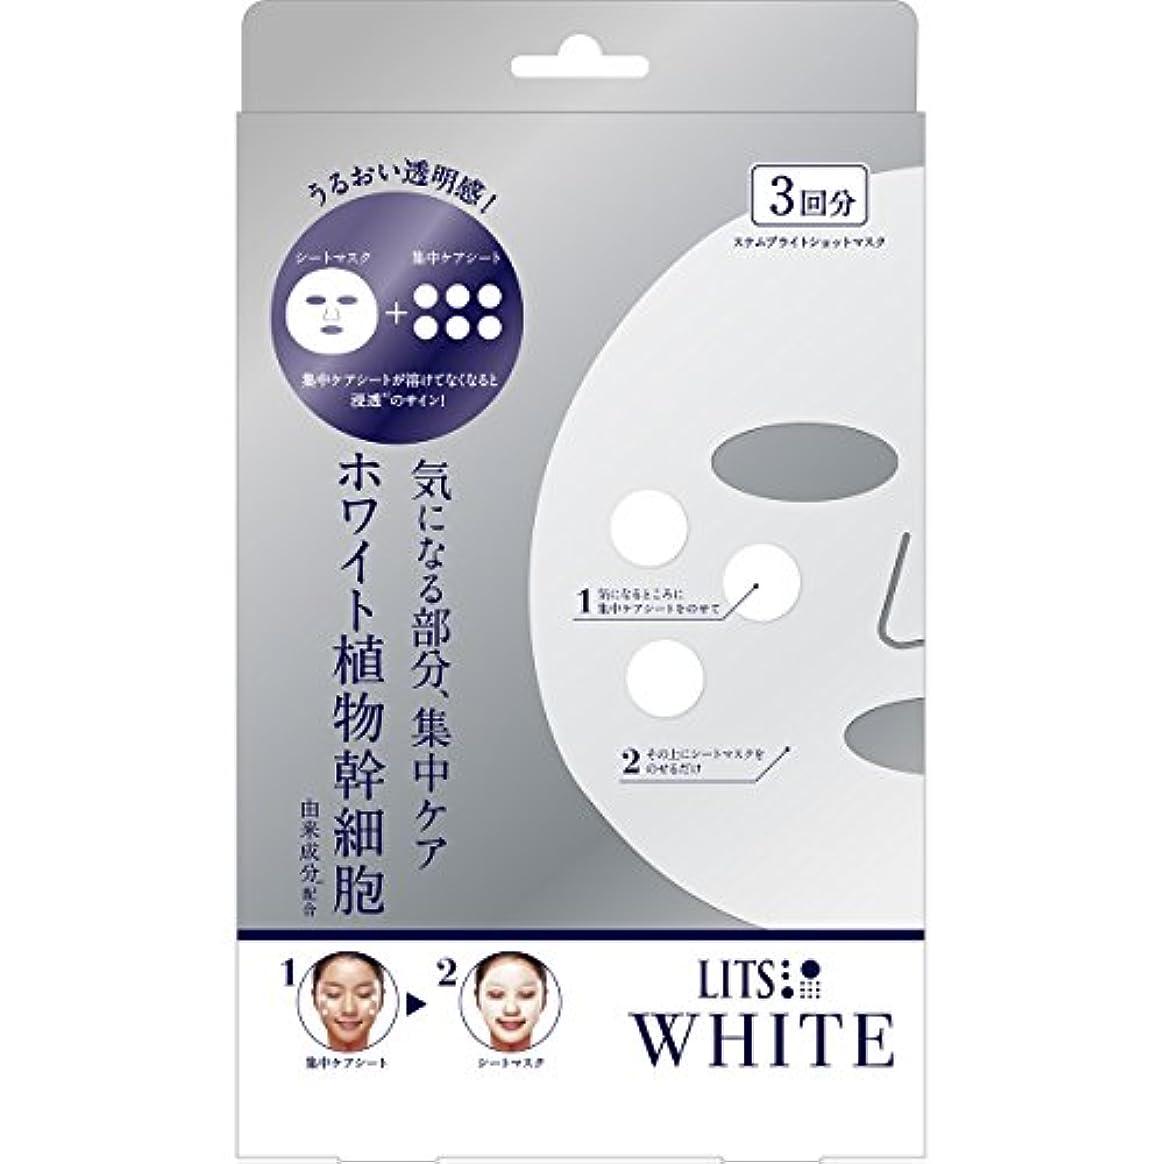 不要癒す細いリッツ ホワイト ステム ブライトショット フェイスマスク 3回分